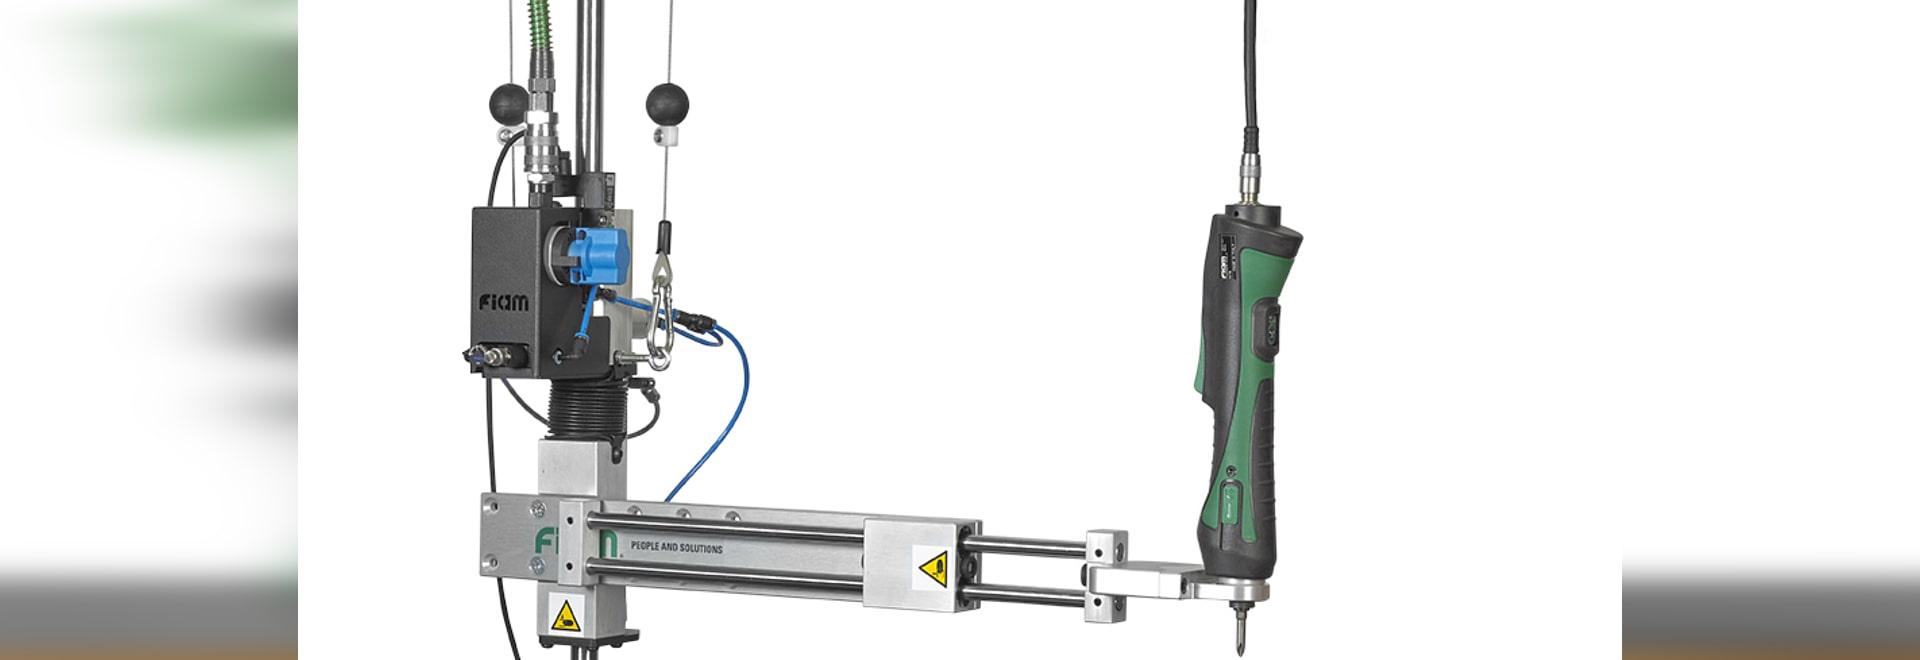 Accessoires ergonomiques évolués: plus besoin de force pour visser